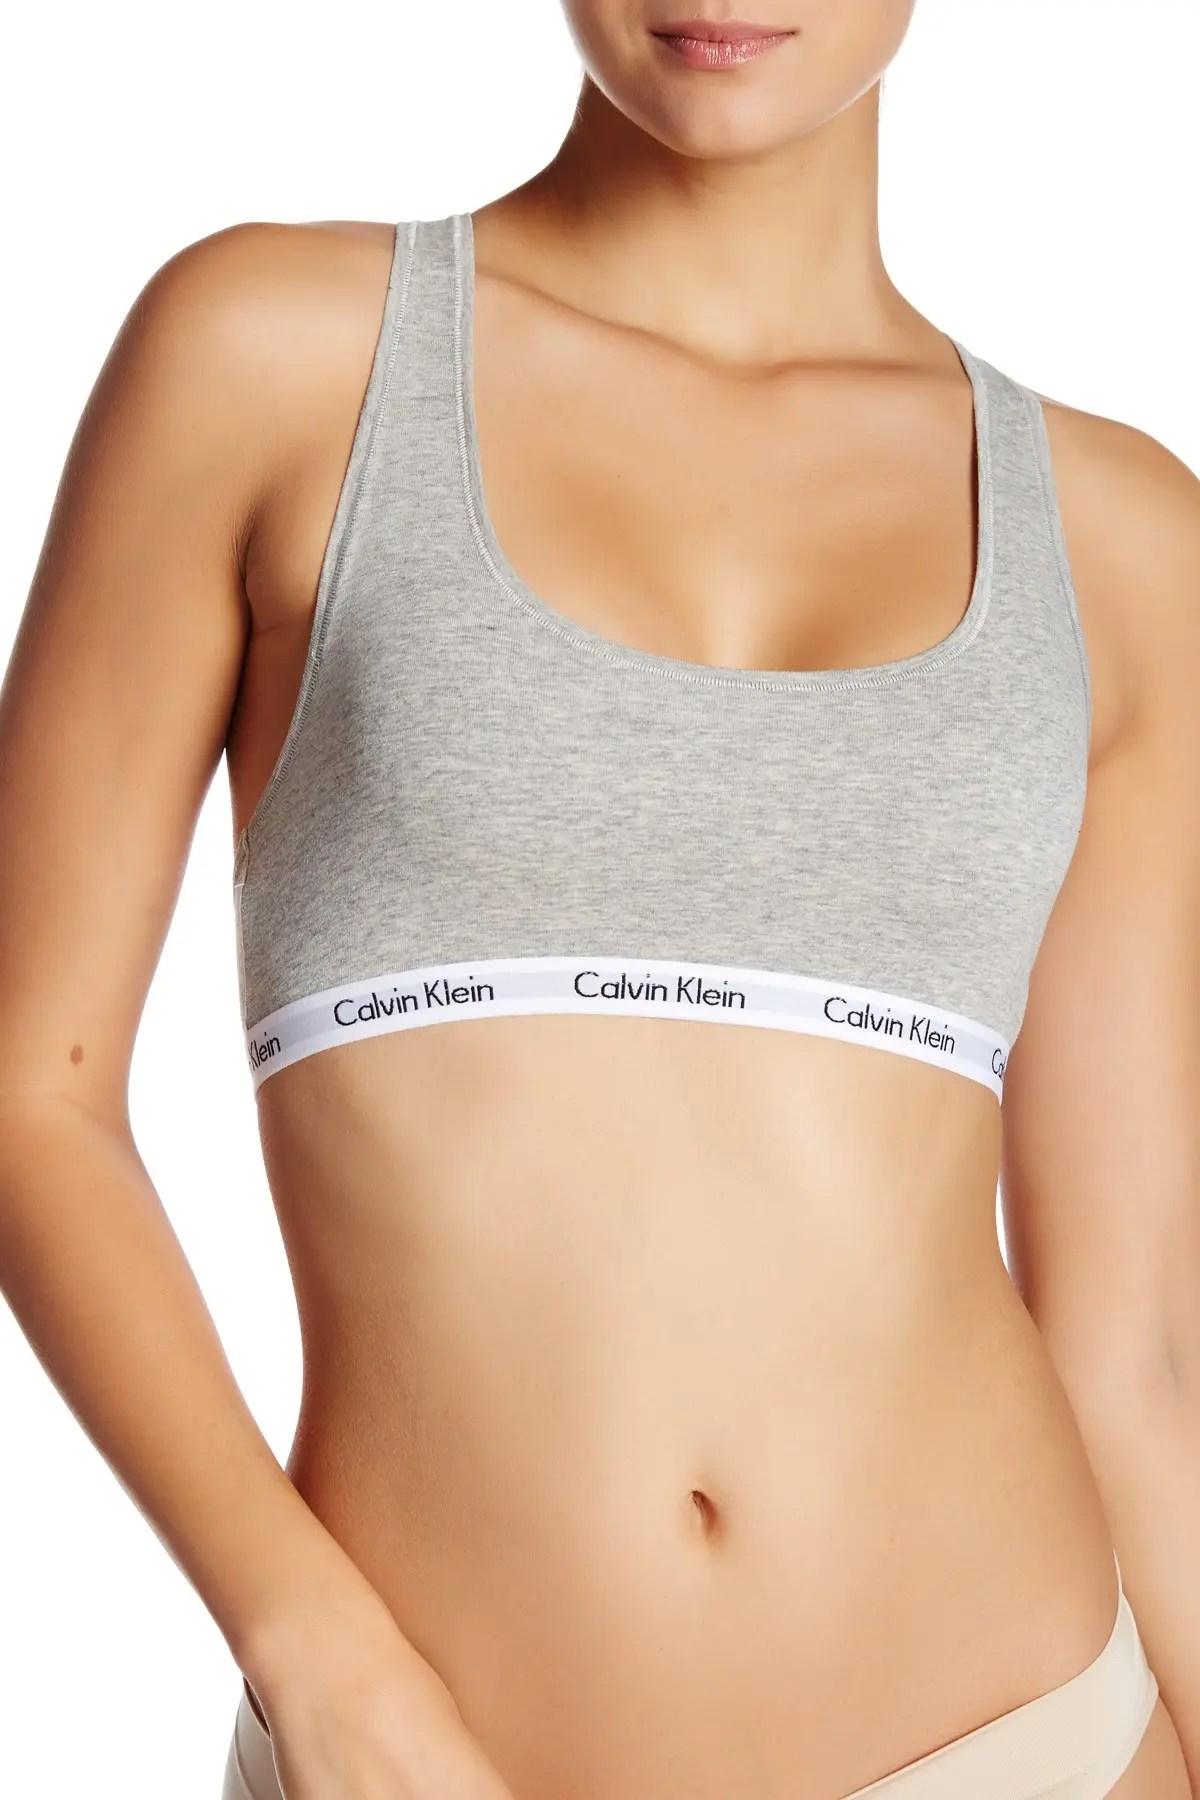 lounge bras bralettes underwear